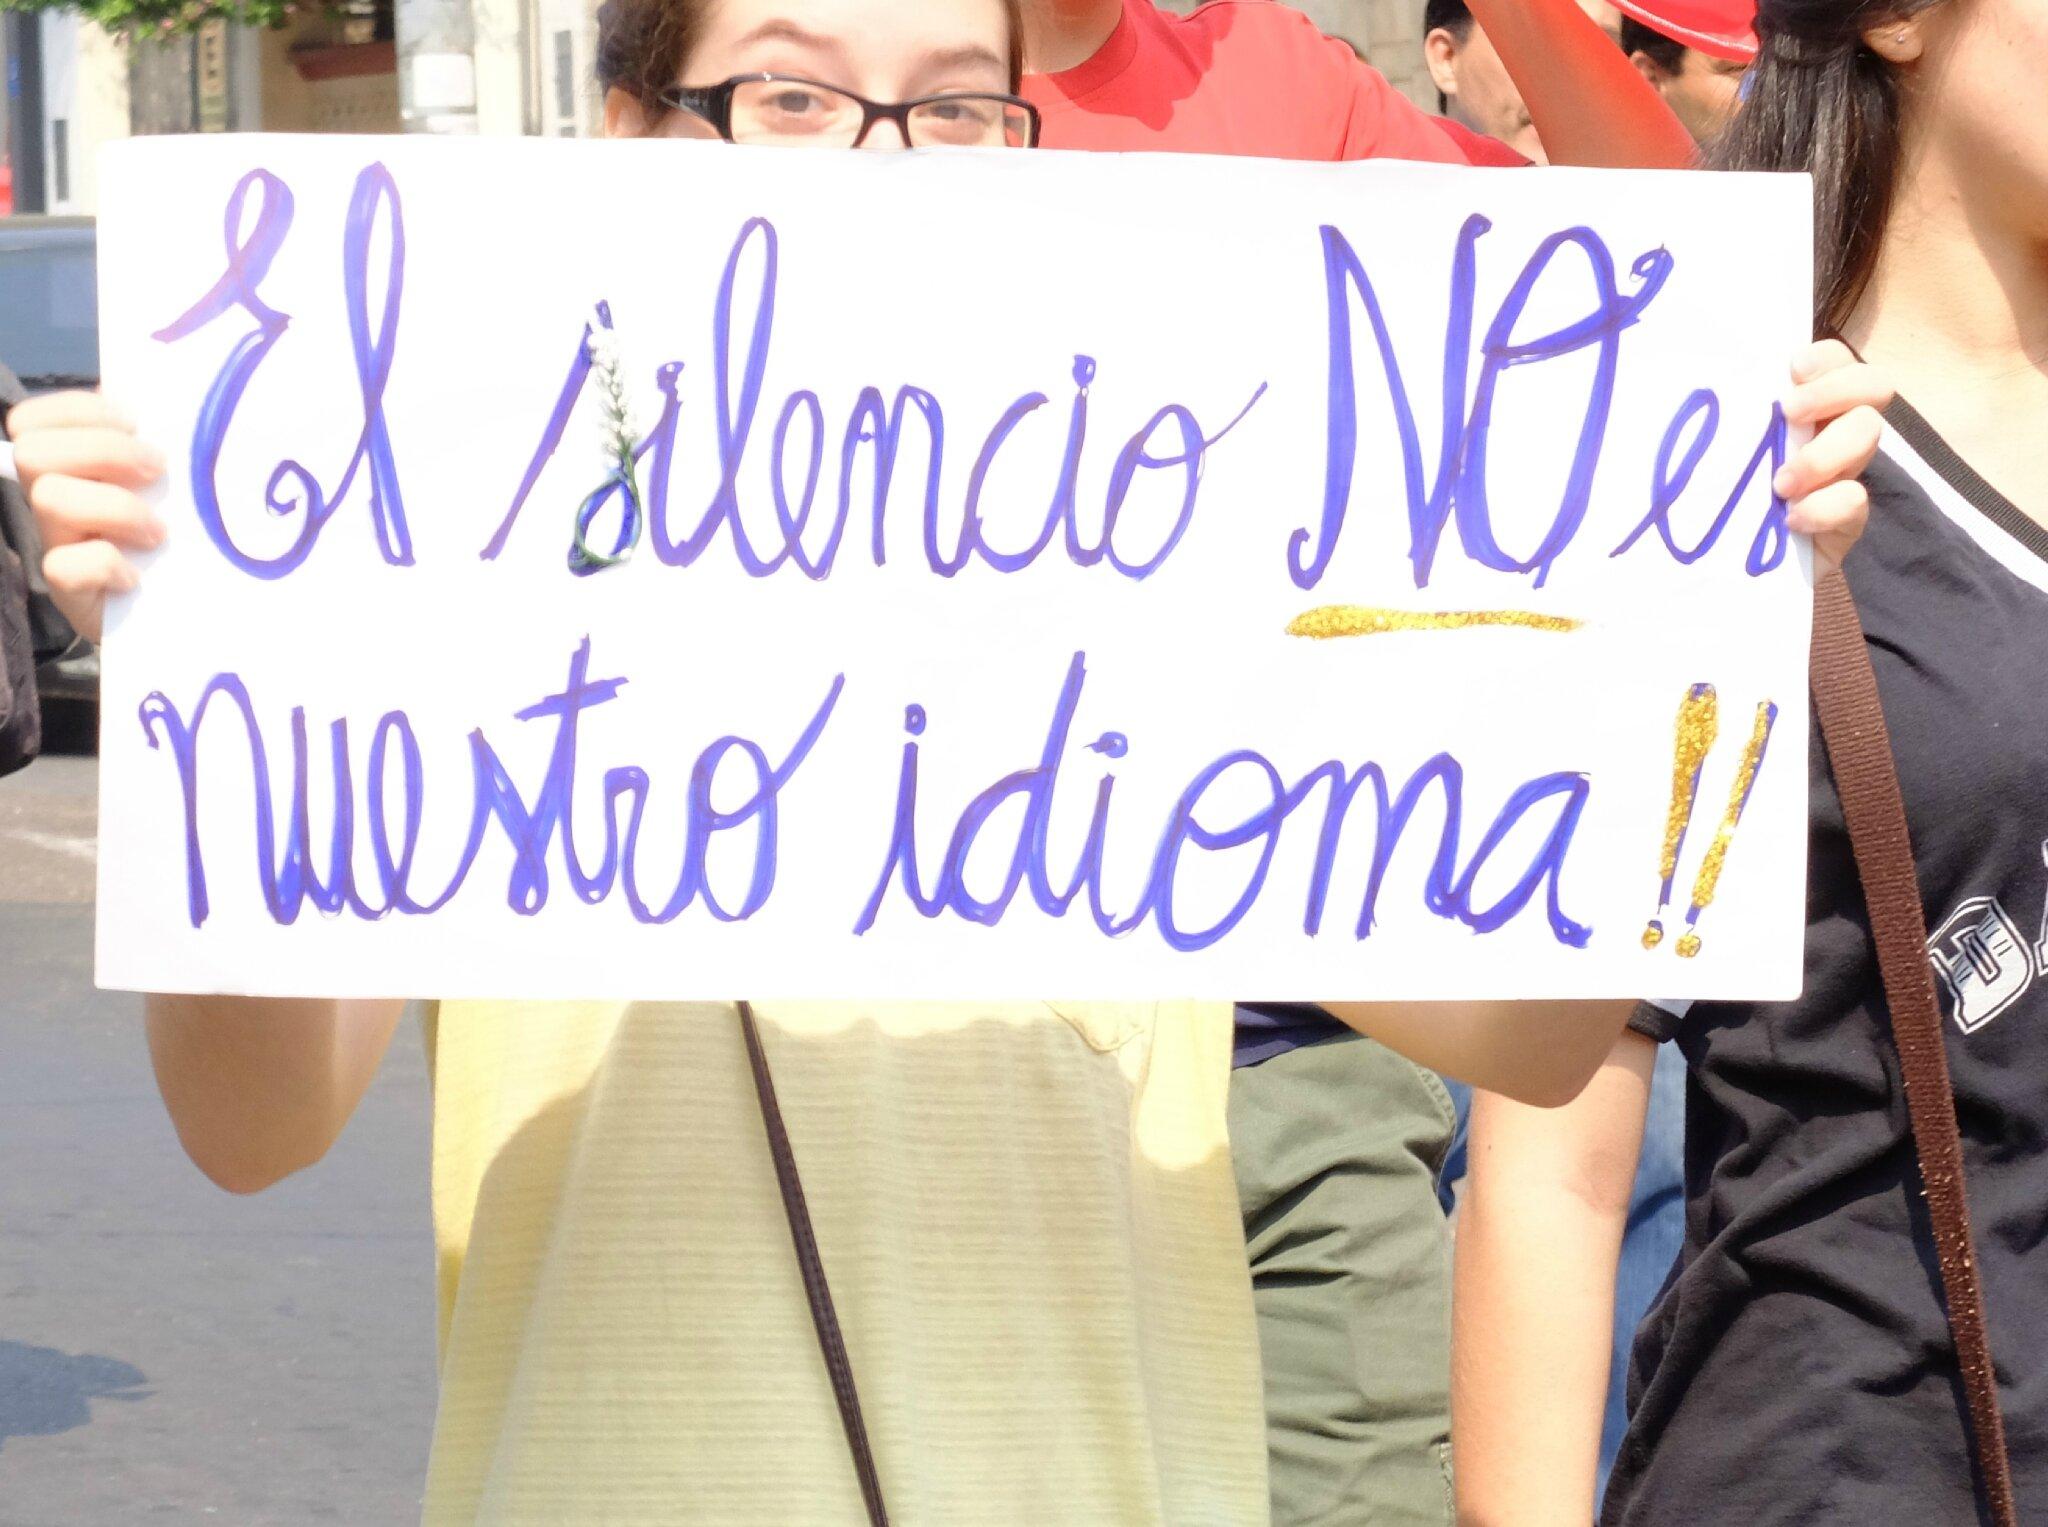 17 - Le silence n'est pas notre langue